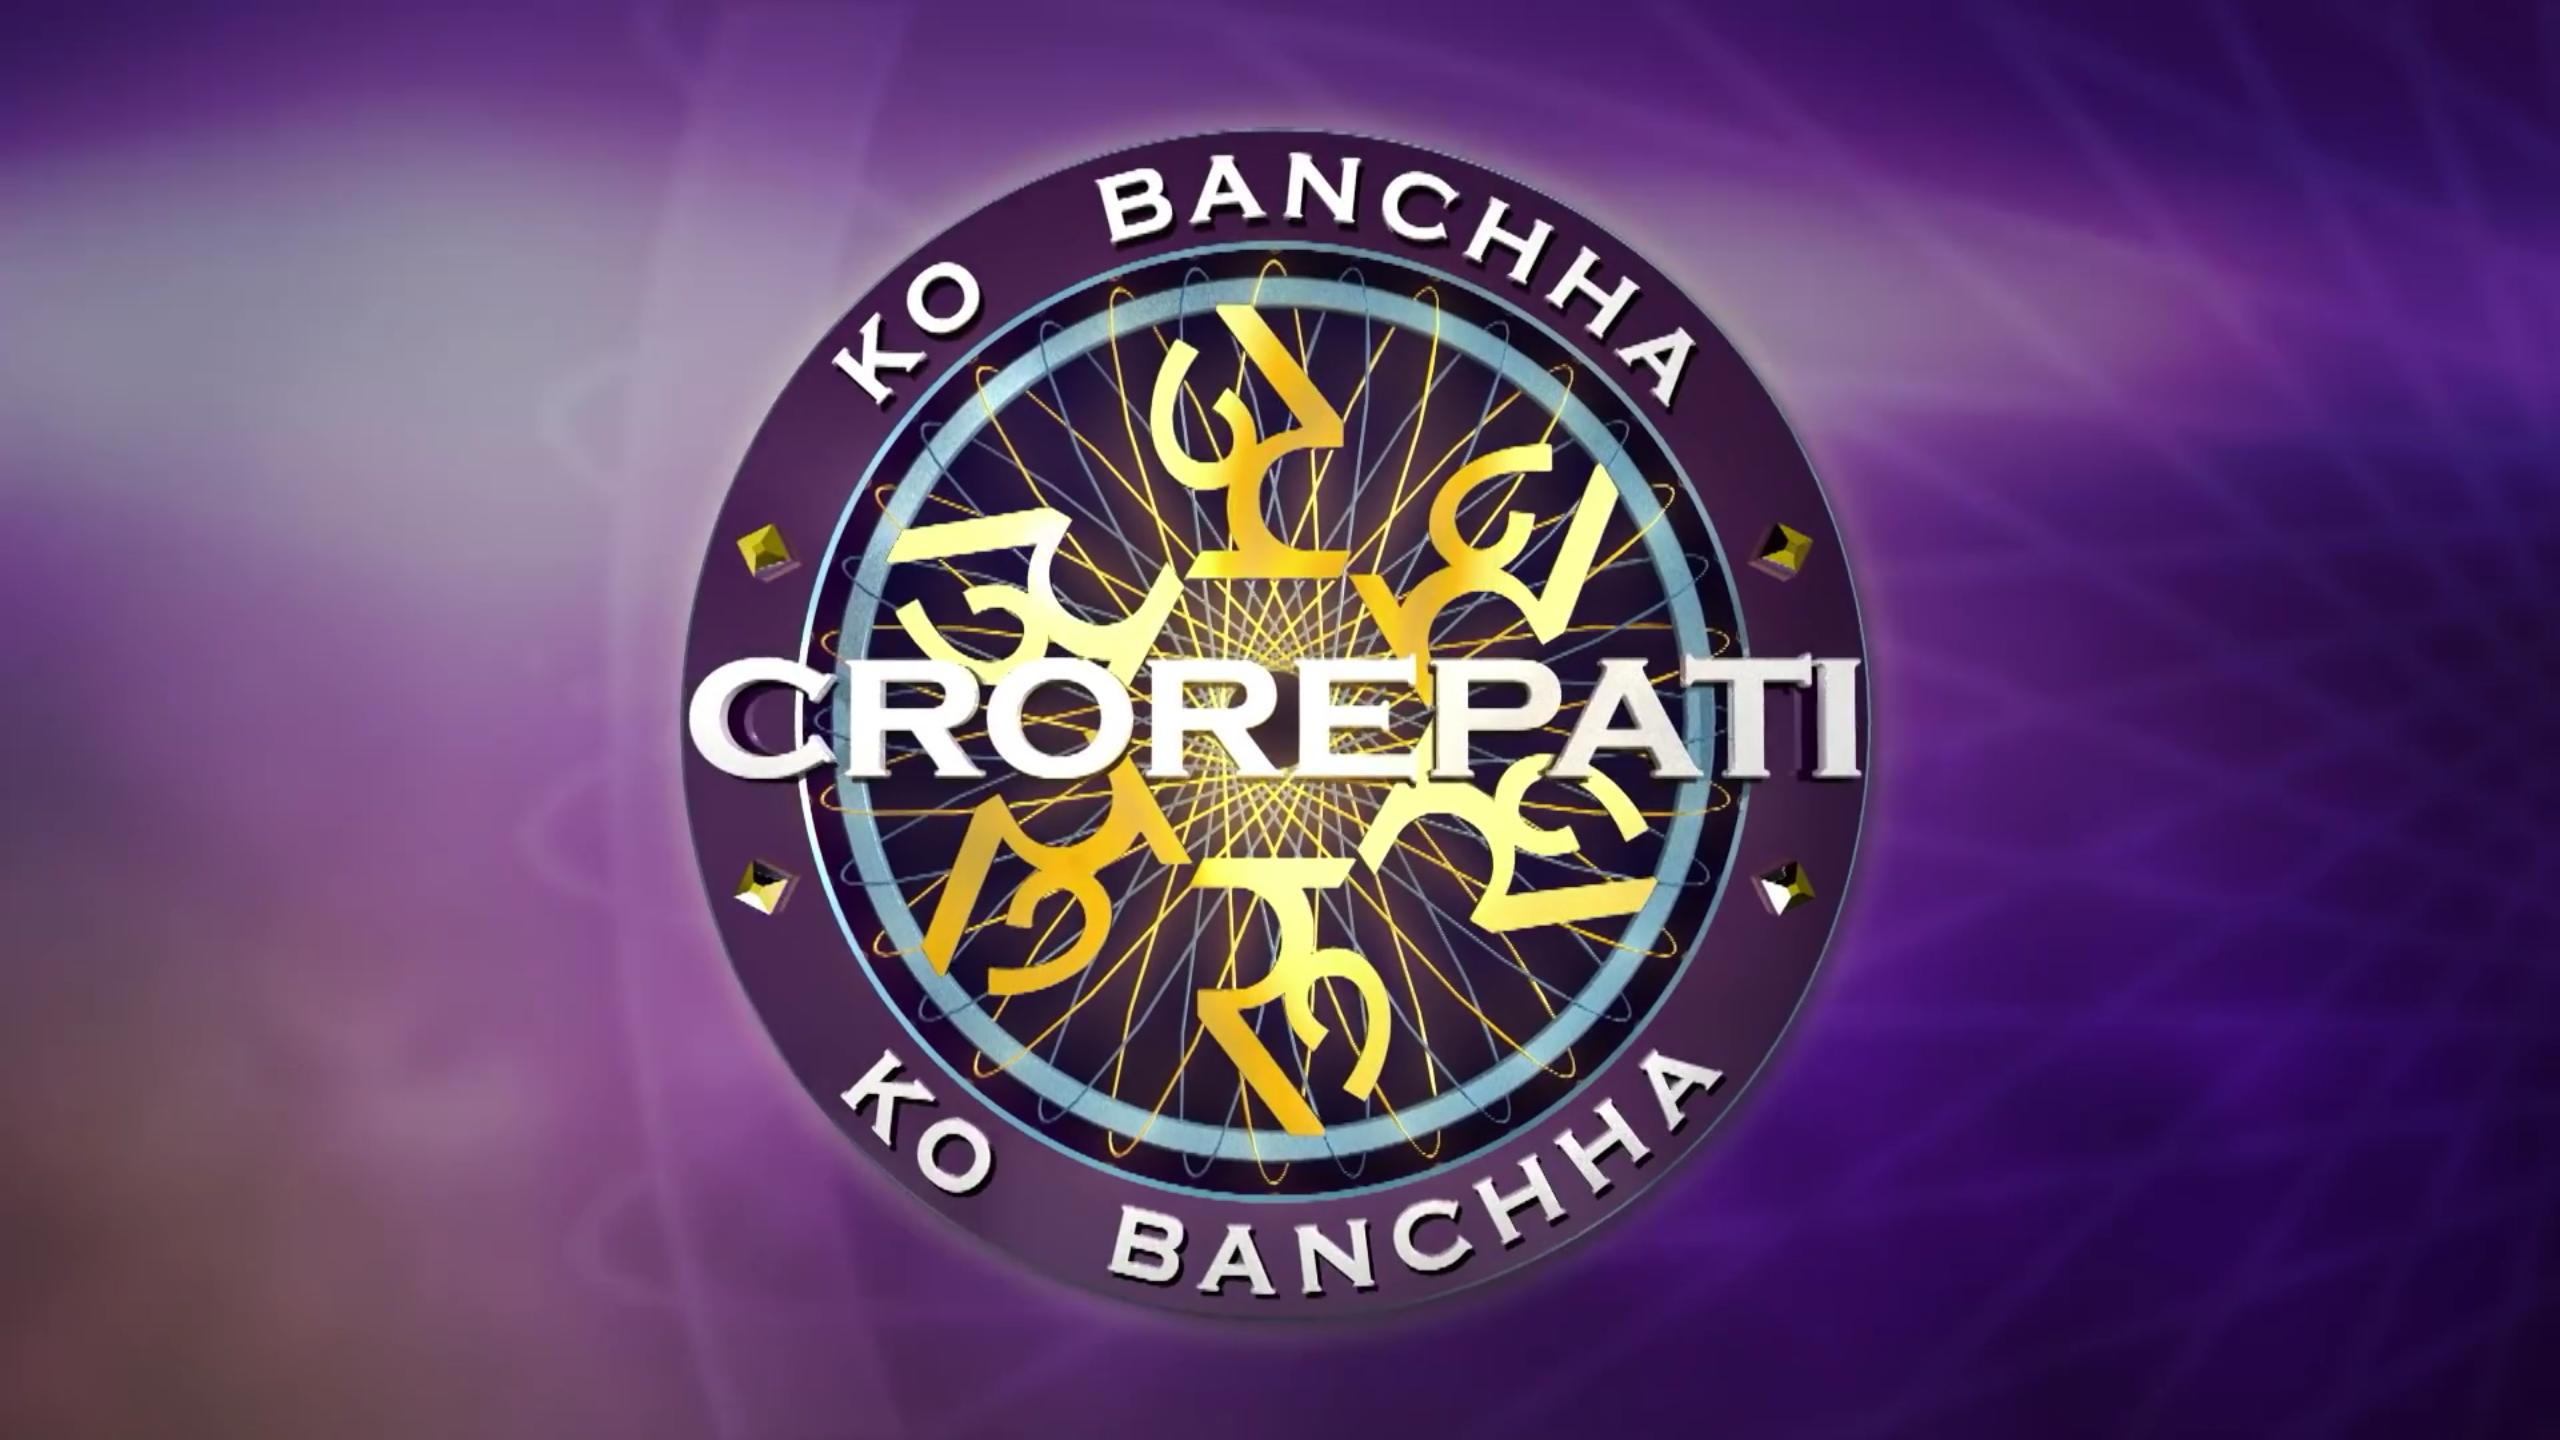 Ko Bancha Crorepati